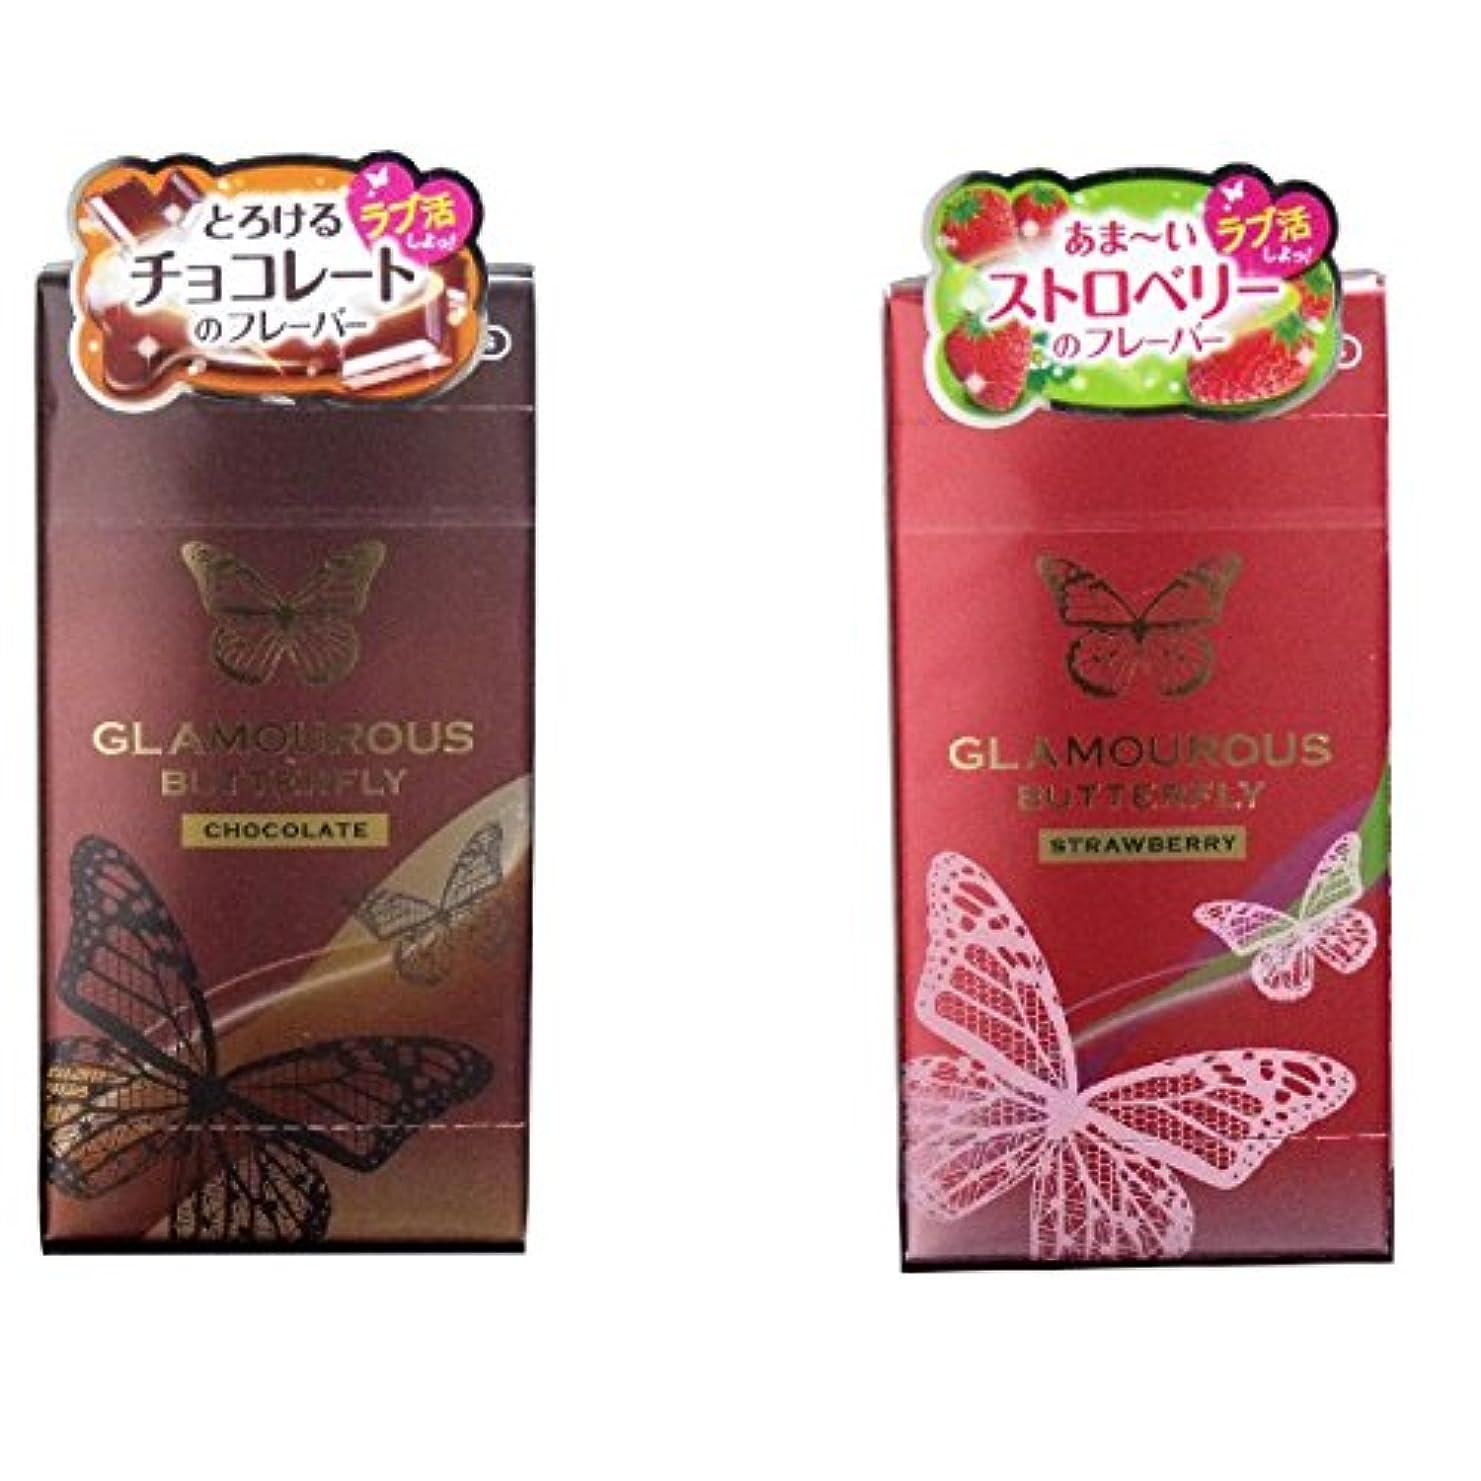 ガラスしばしば祈るジェクス グラマラスバタフライ  コンドーム チョコレートの香り  6個入 + ストロベリーの香り 6個入